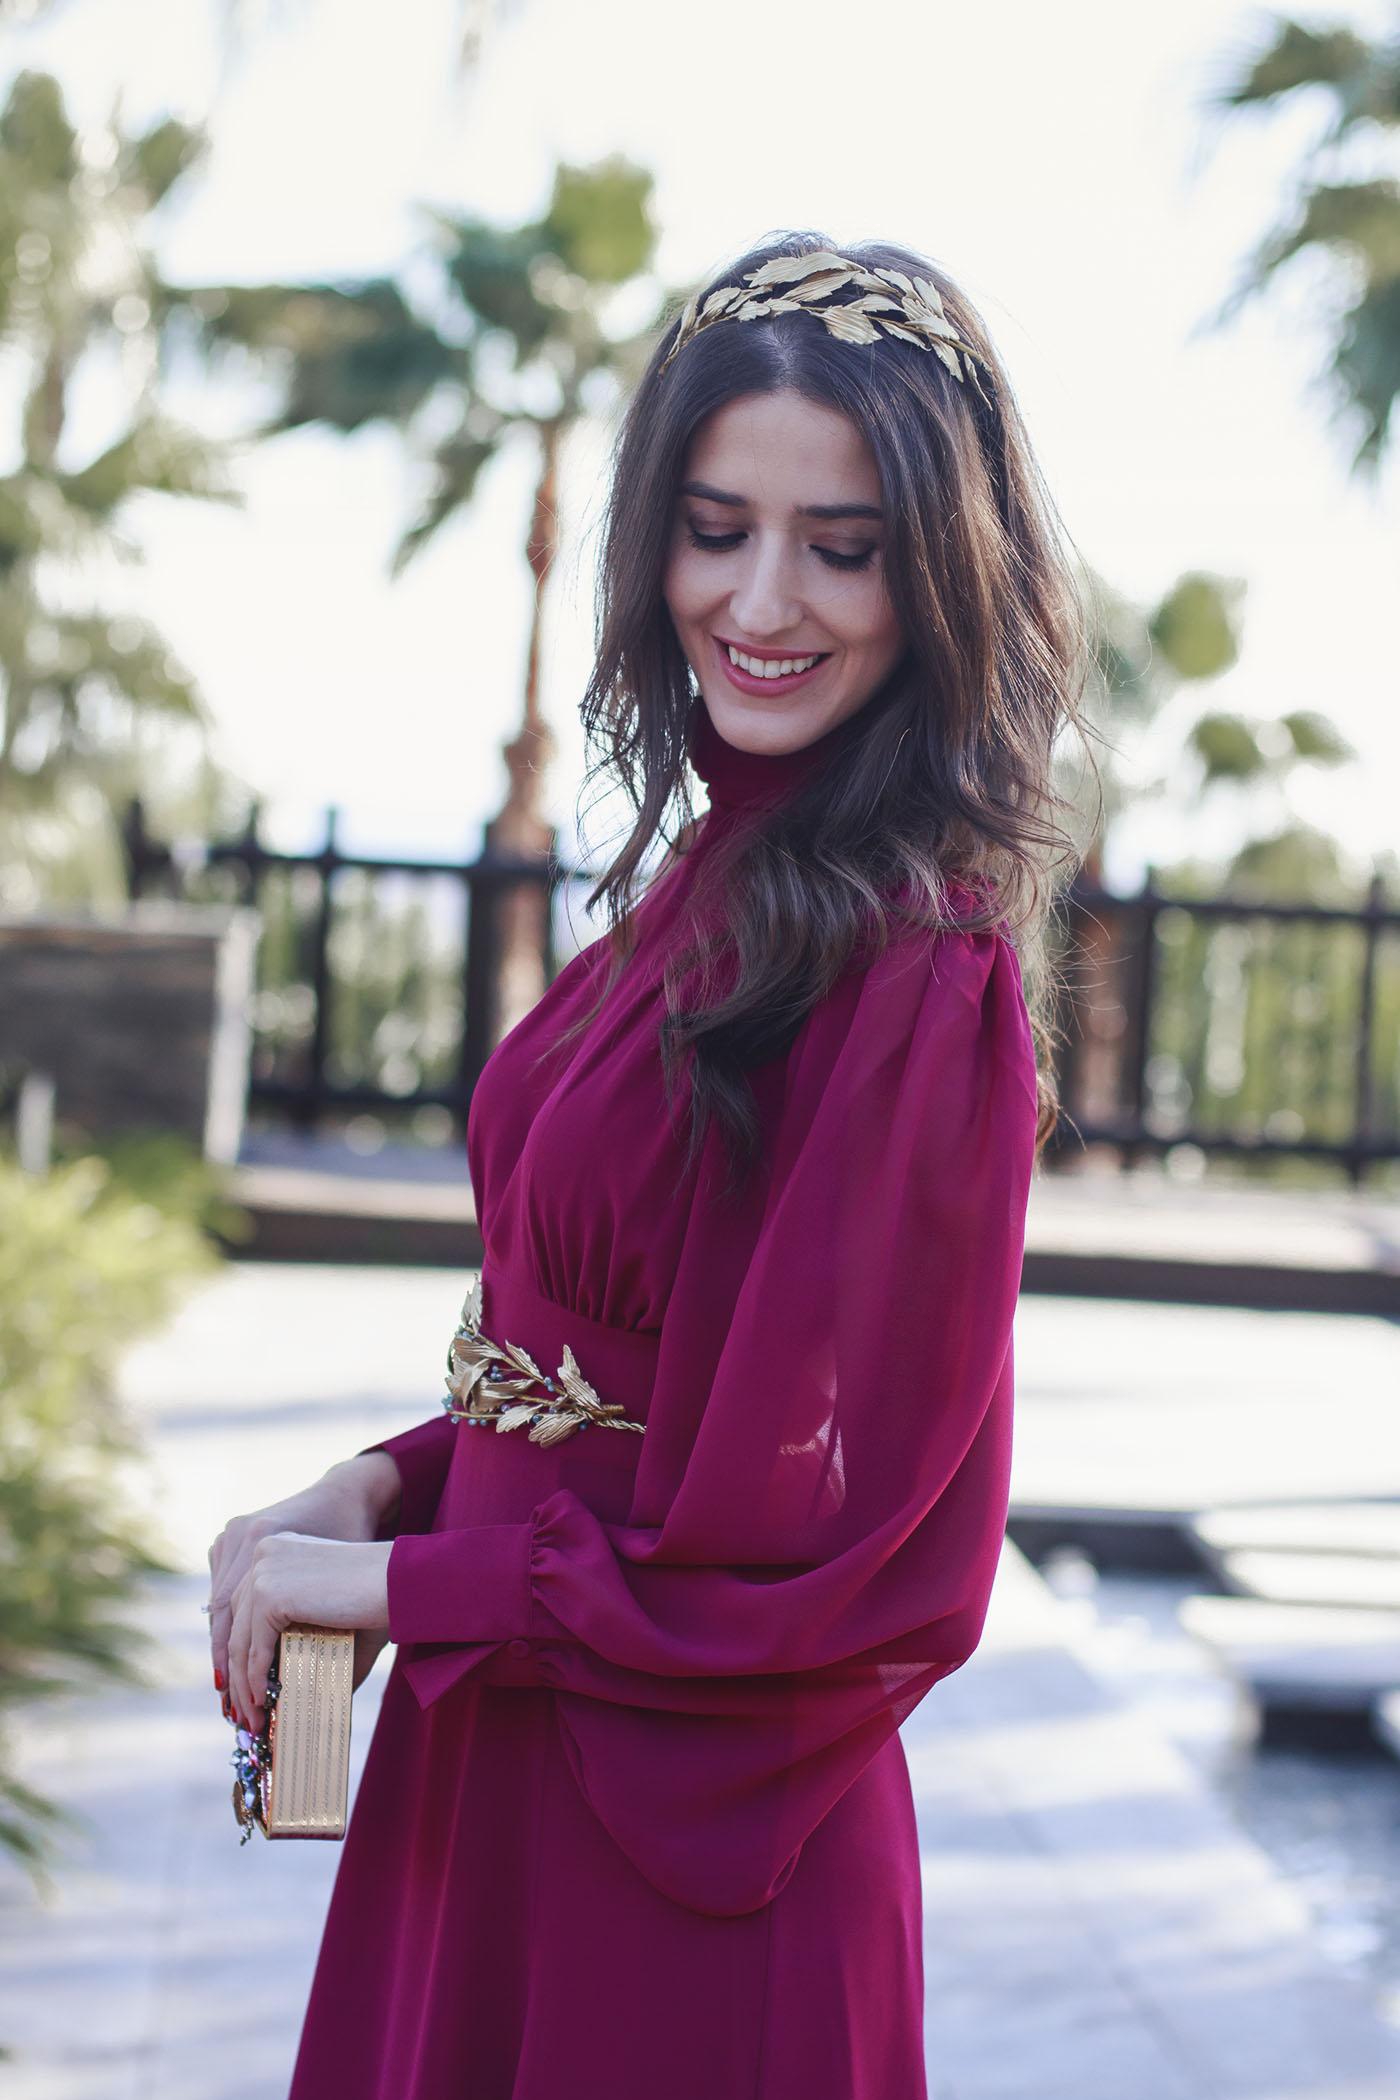 Bonito Vestido Rojo Y Marfil De La Boda Componente - Vestido de ...